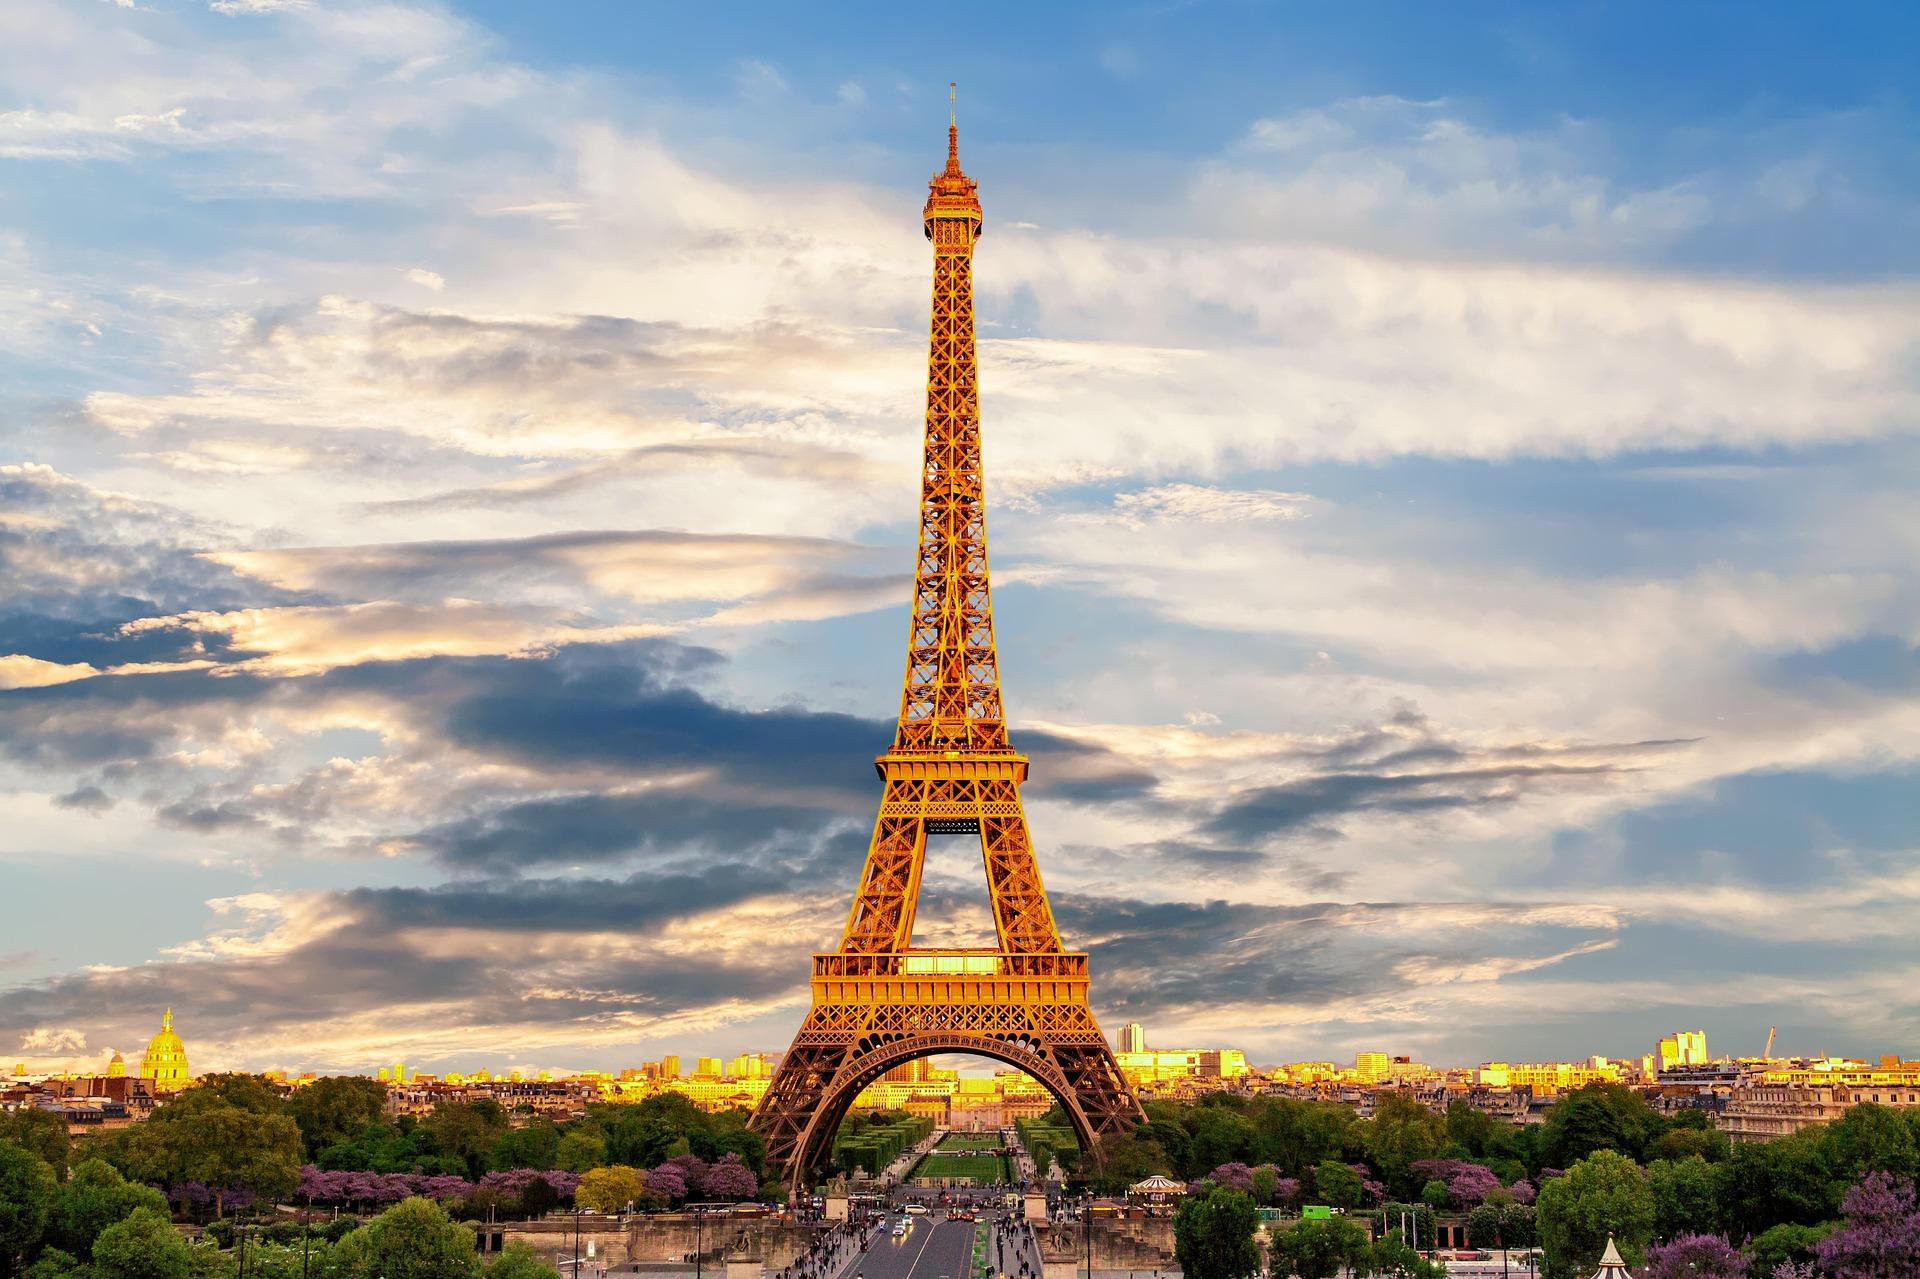 http://aktsa.org/img_2019/images/eiffel-tower-3349075_1920.jpg